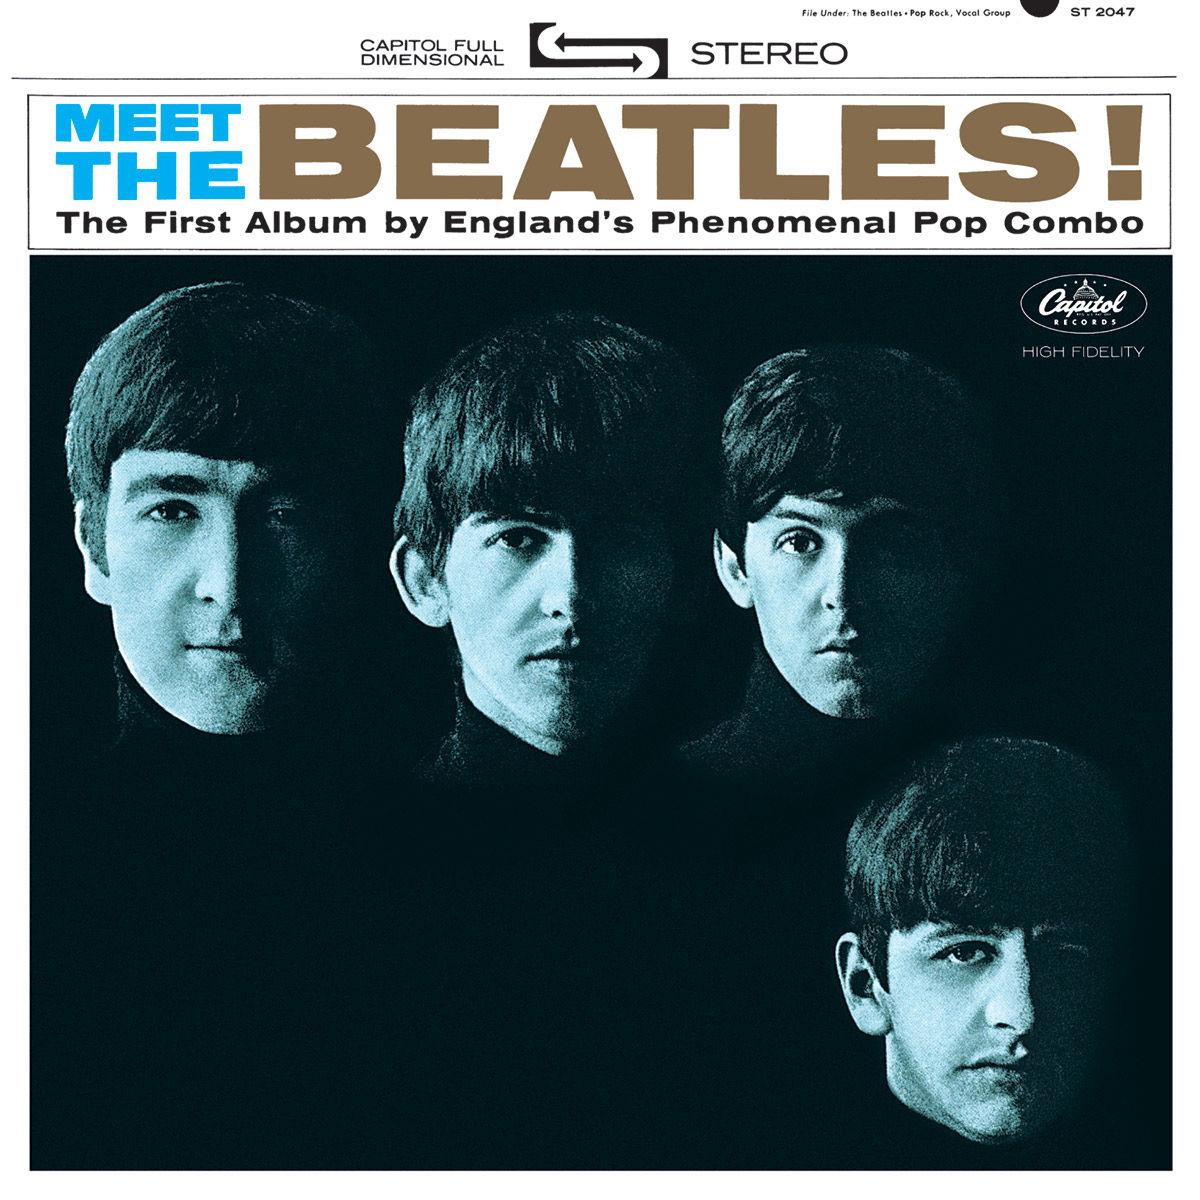 CD Meet The Beatles